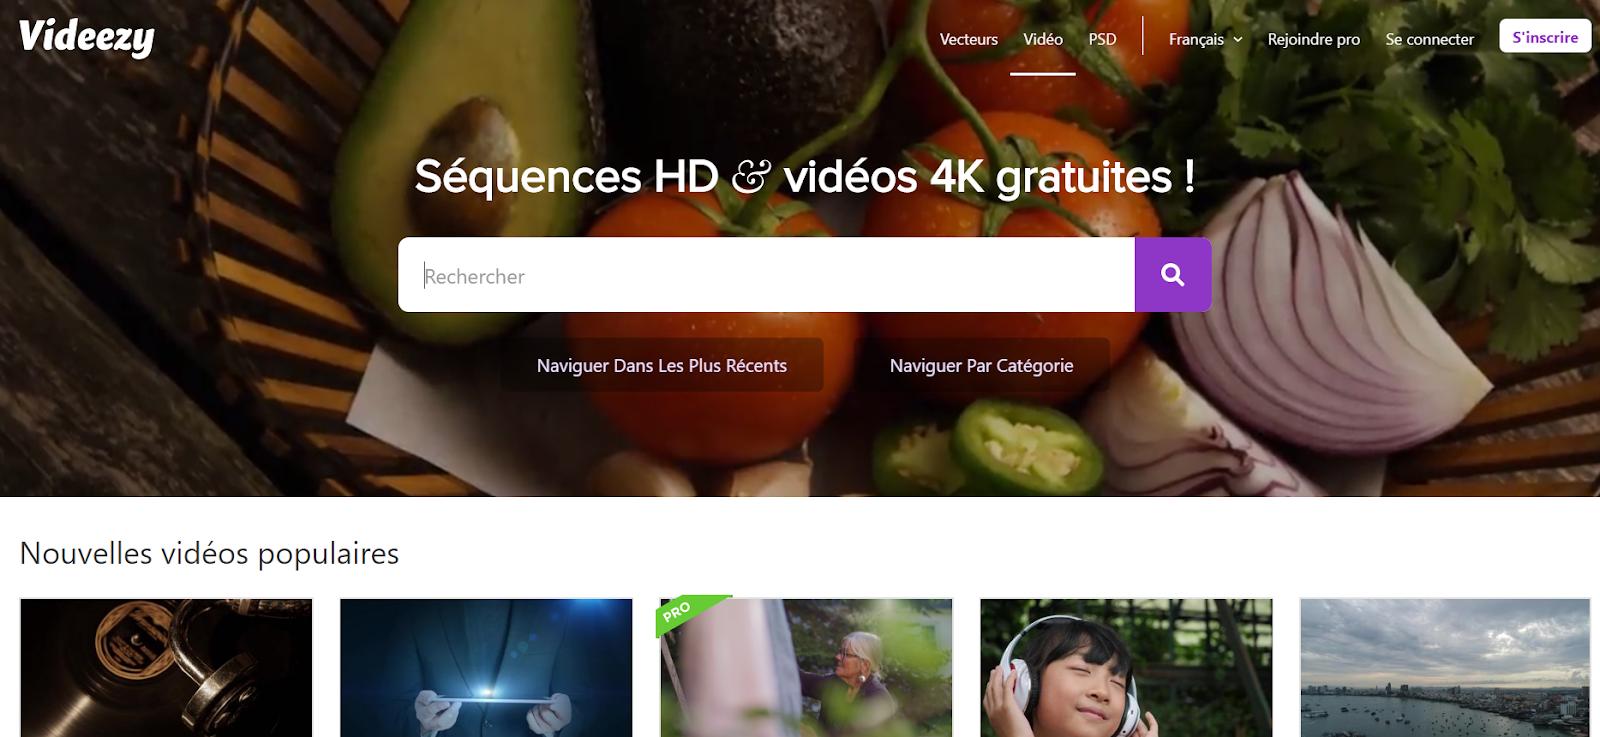 videezy - banque de vidéos HD